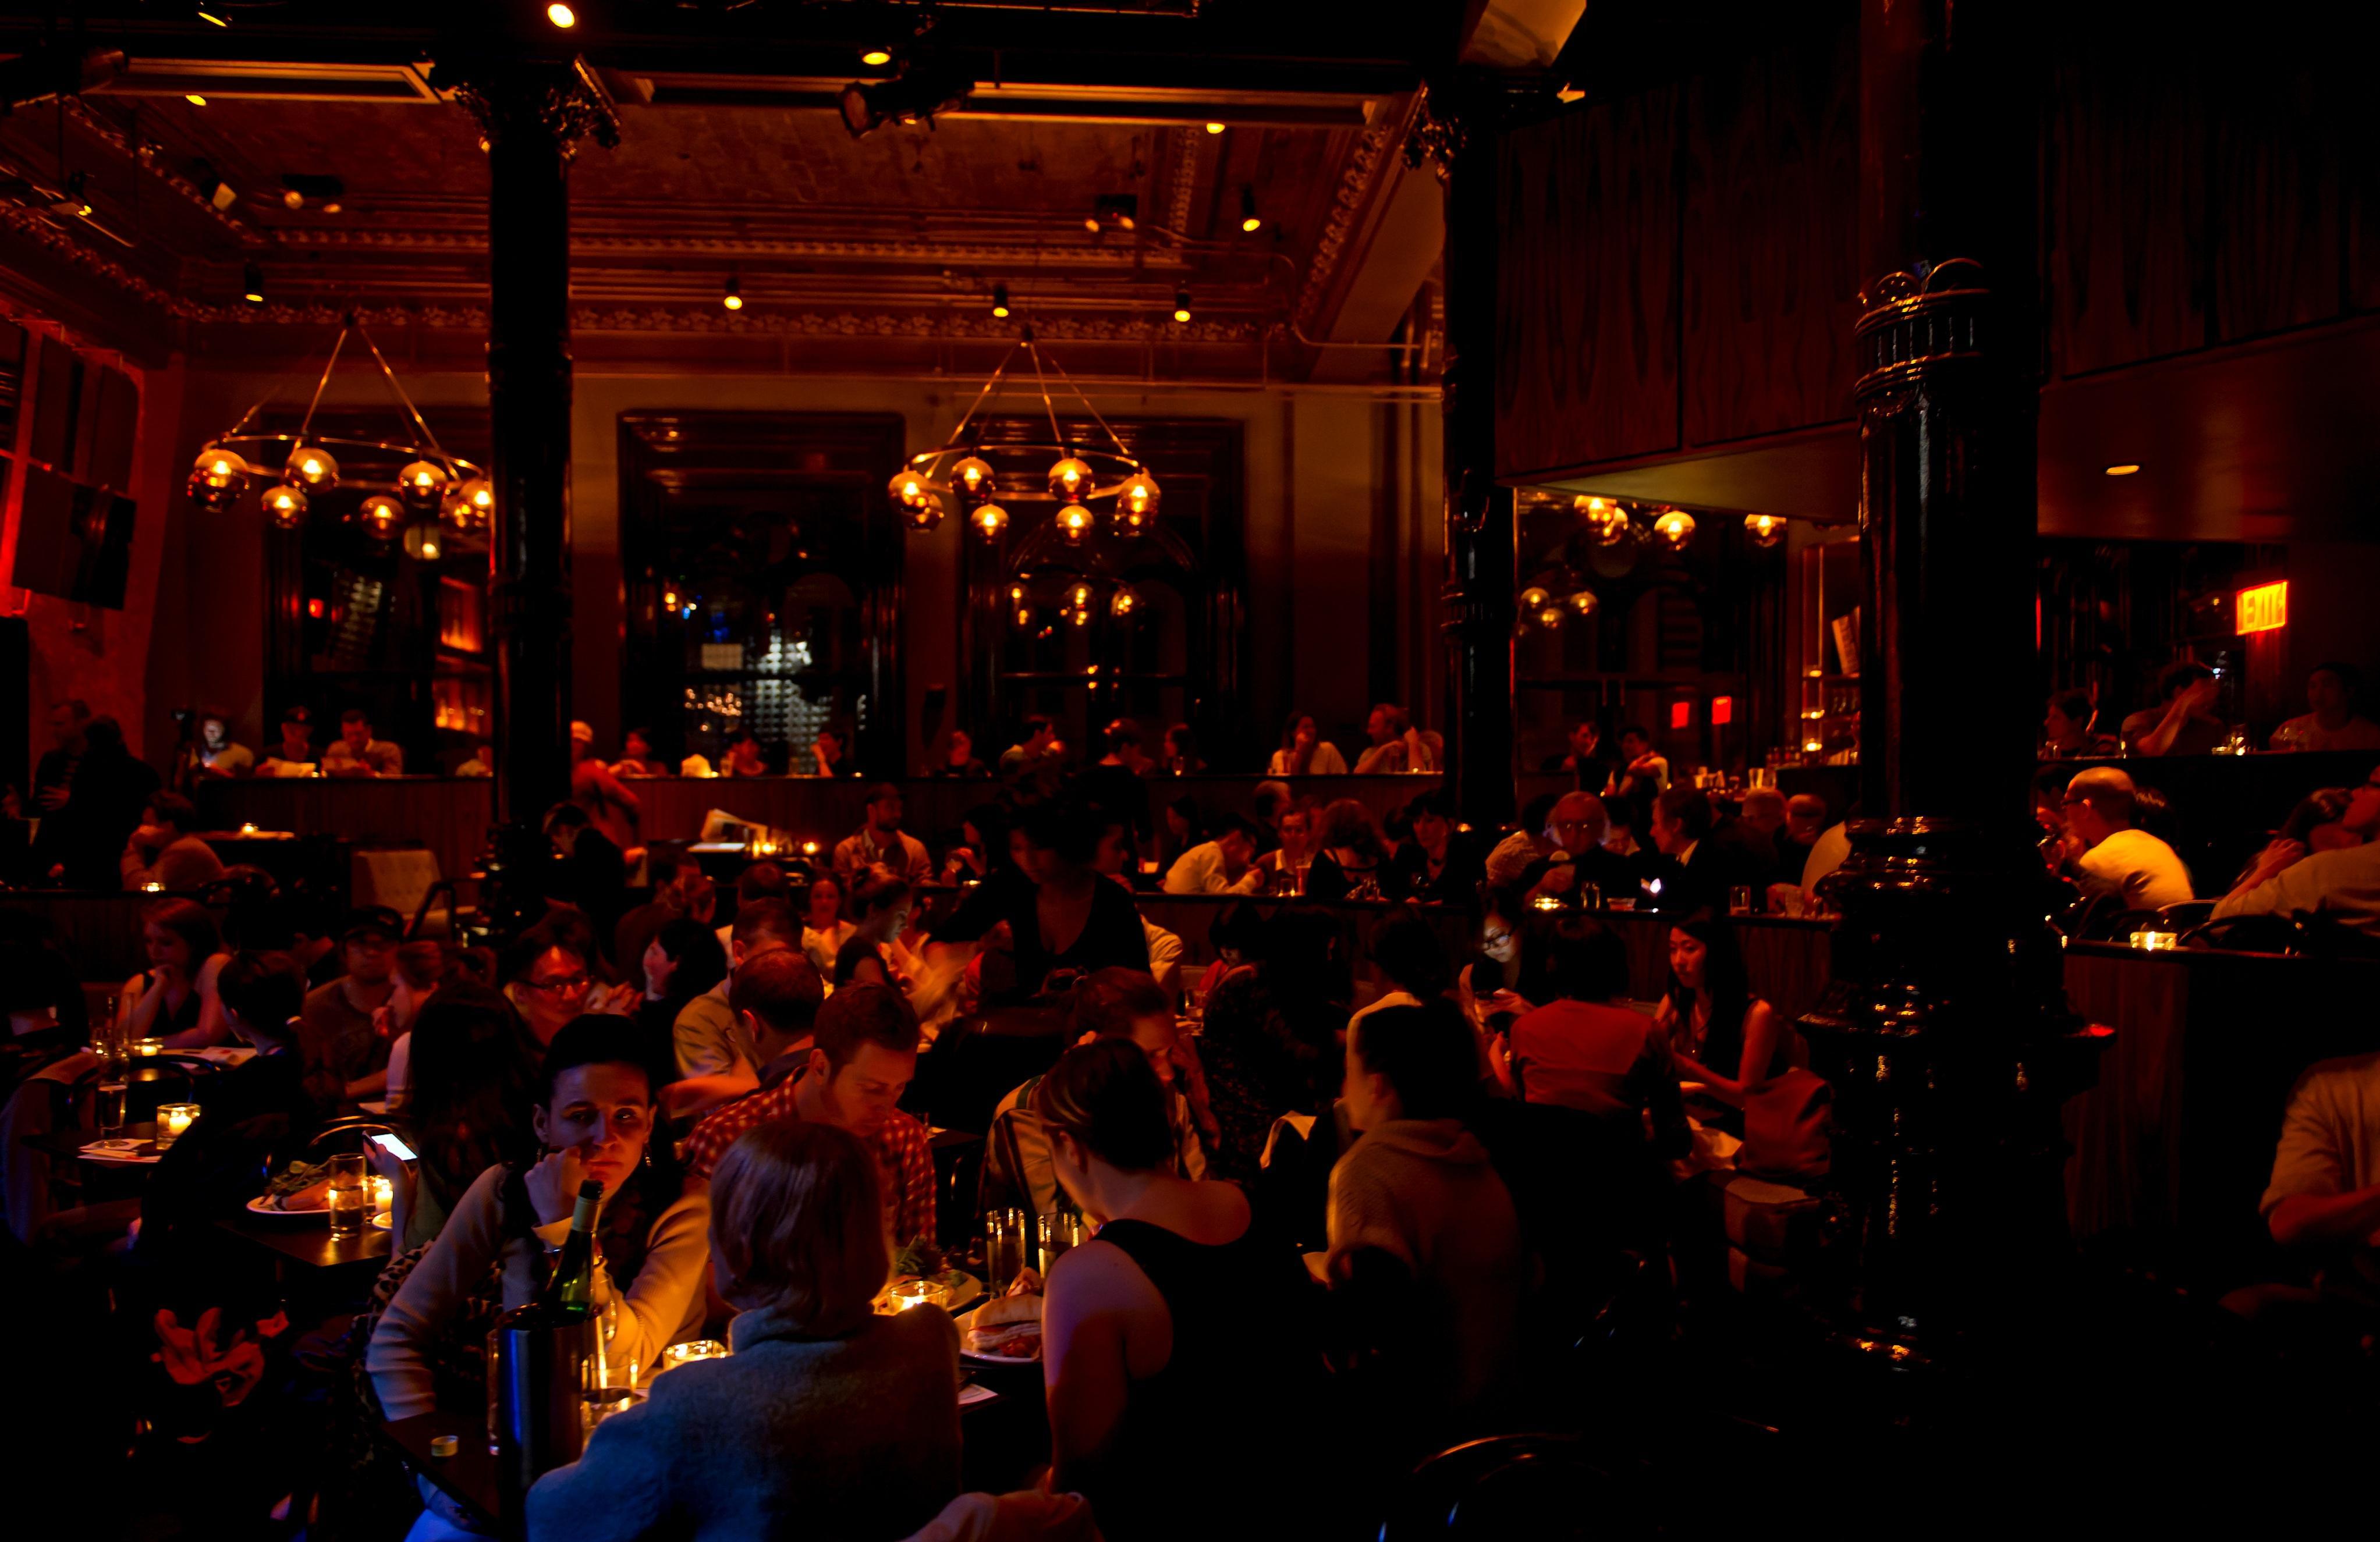 Joe S Pub New York Ny 10003 Menus And Reviews